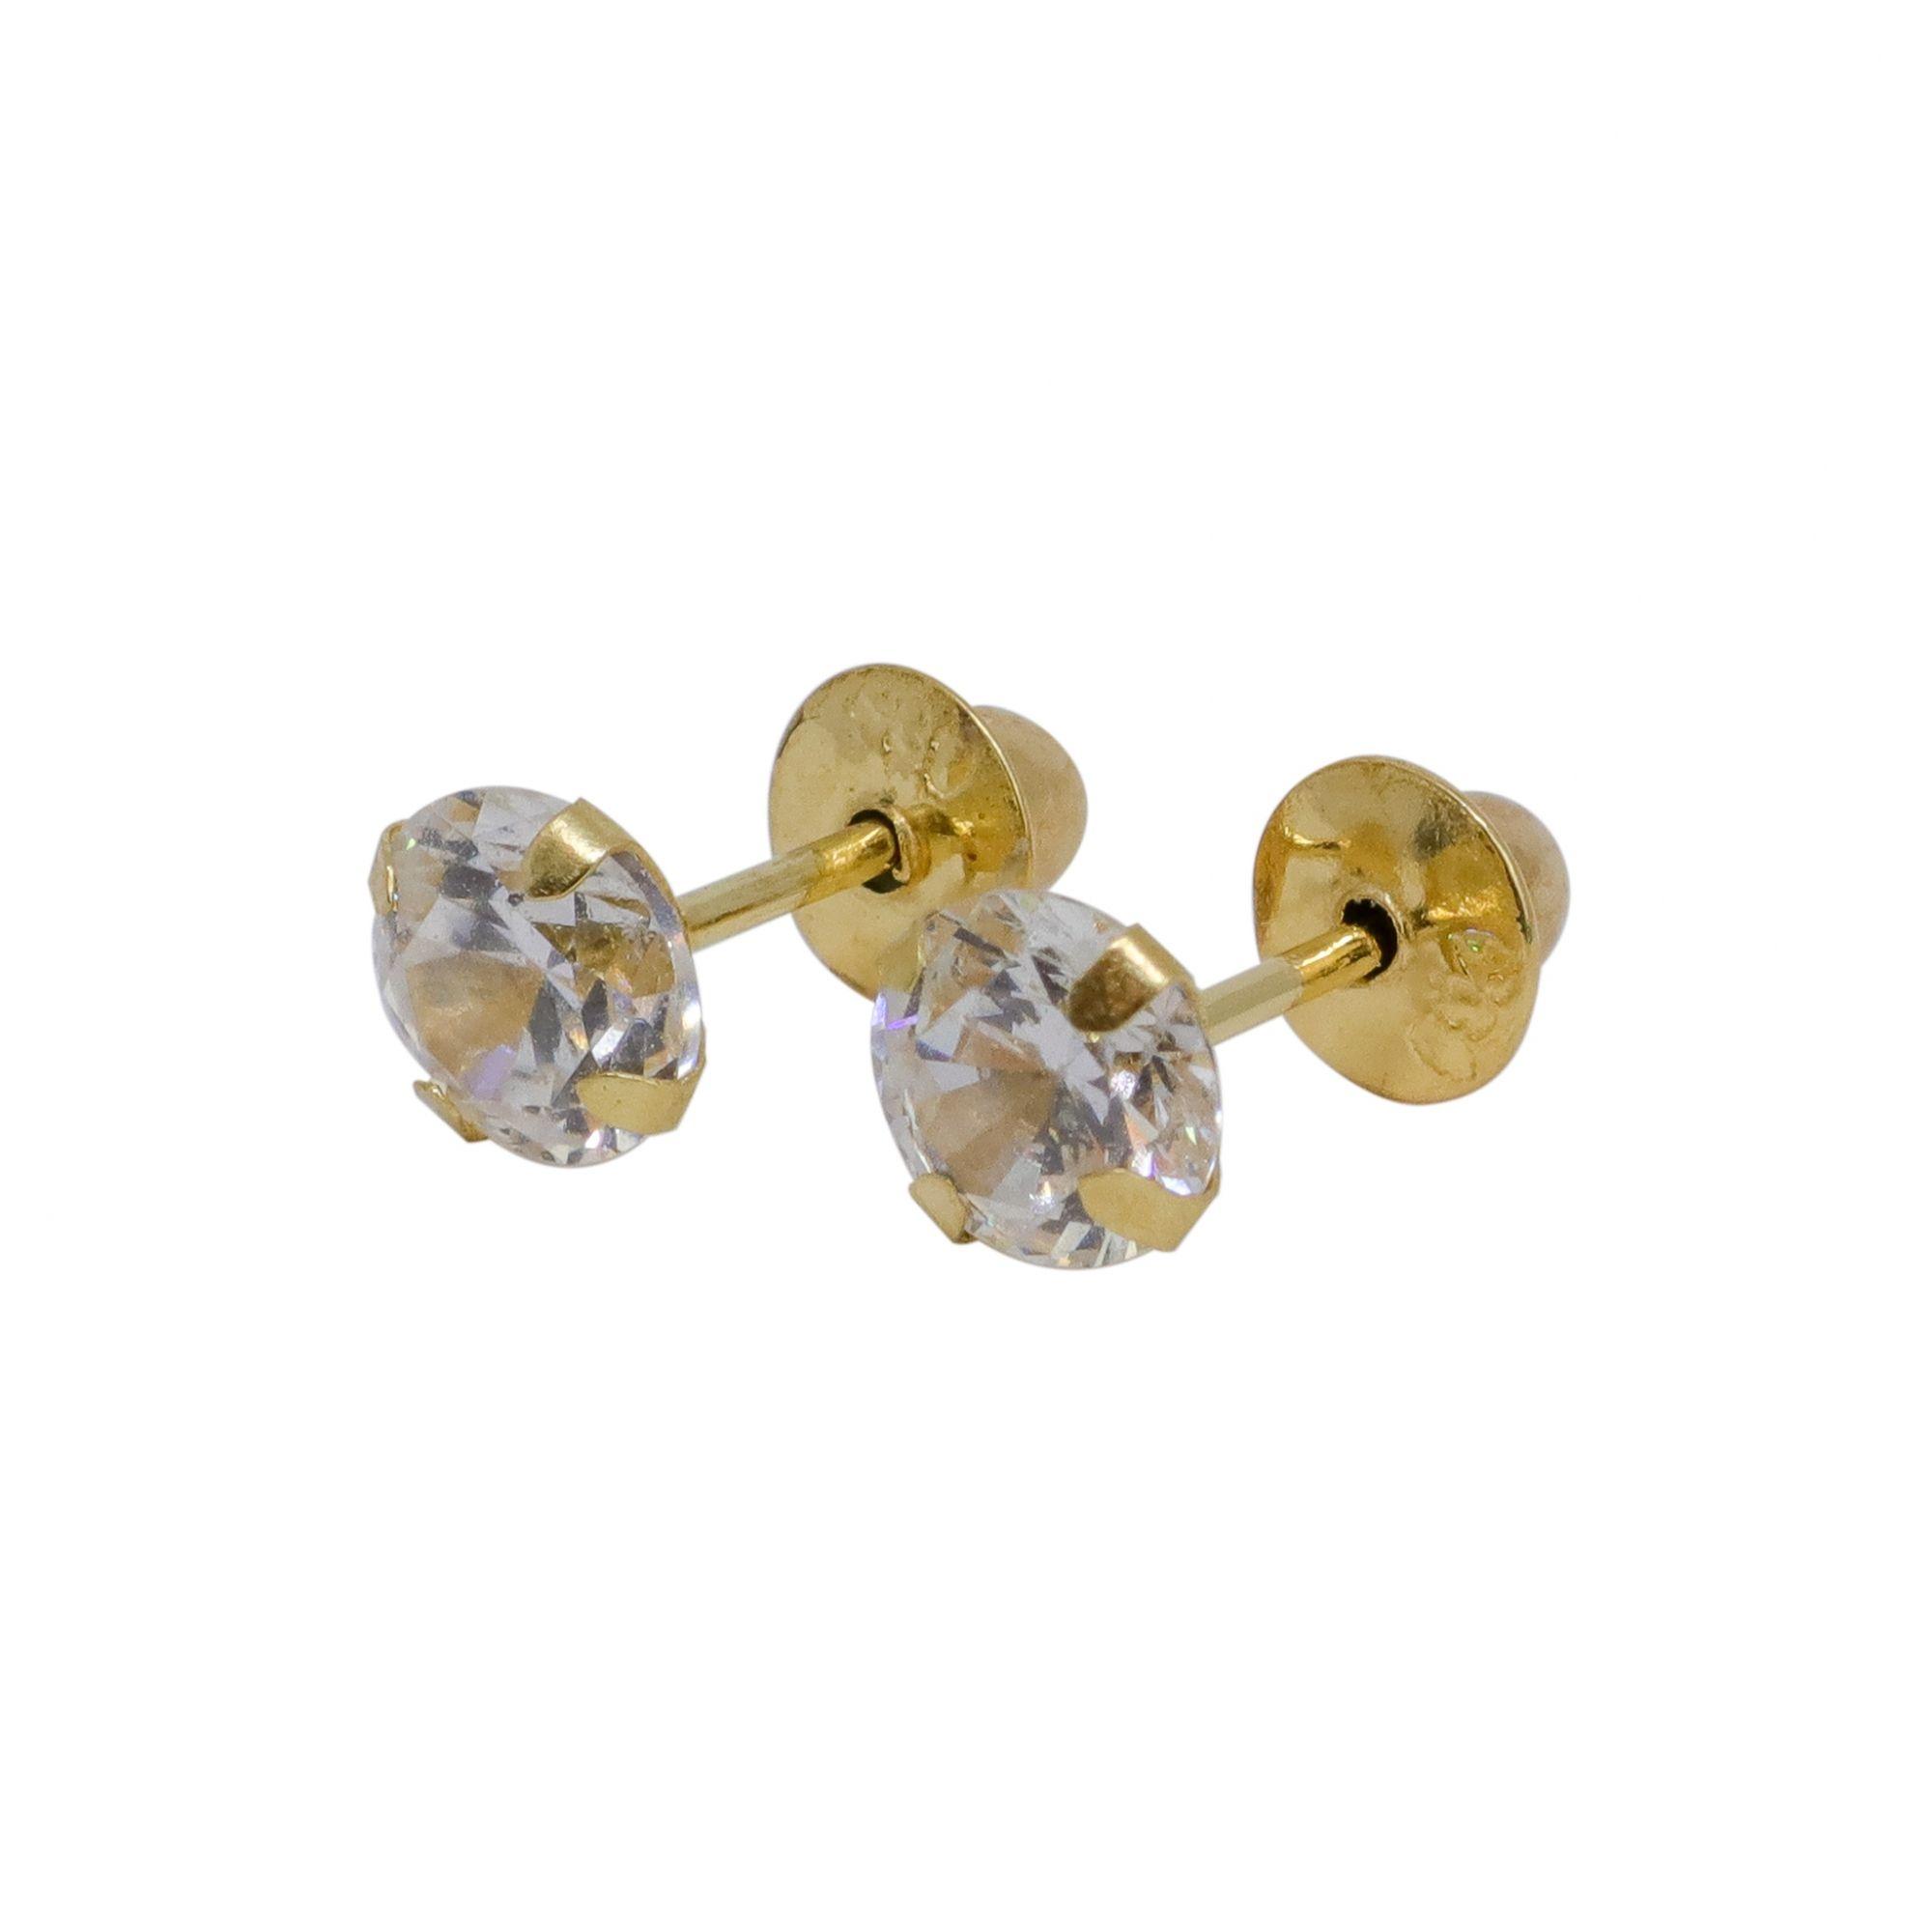 Brinco ouro 18k cálice com zircônia 4mm